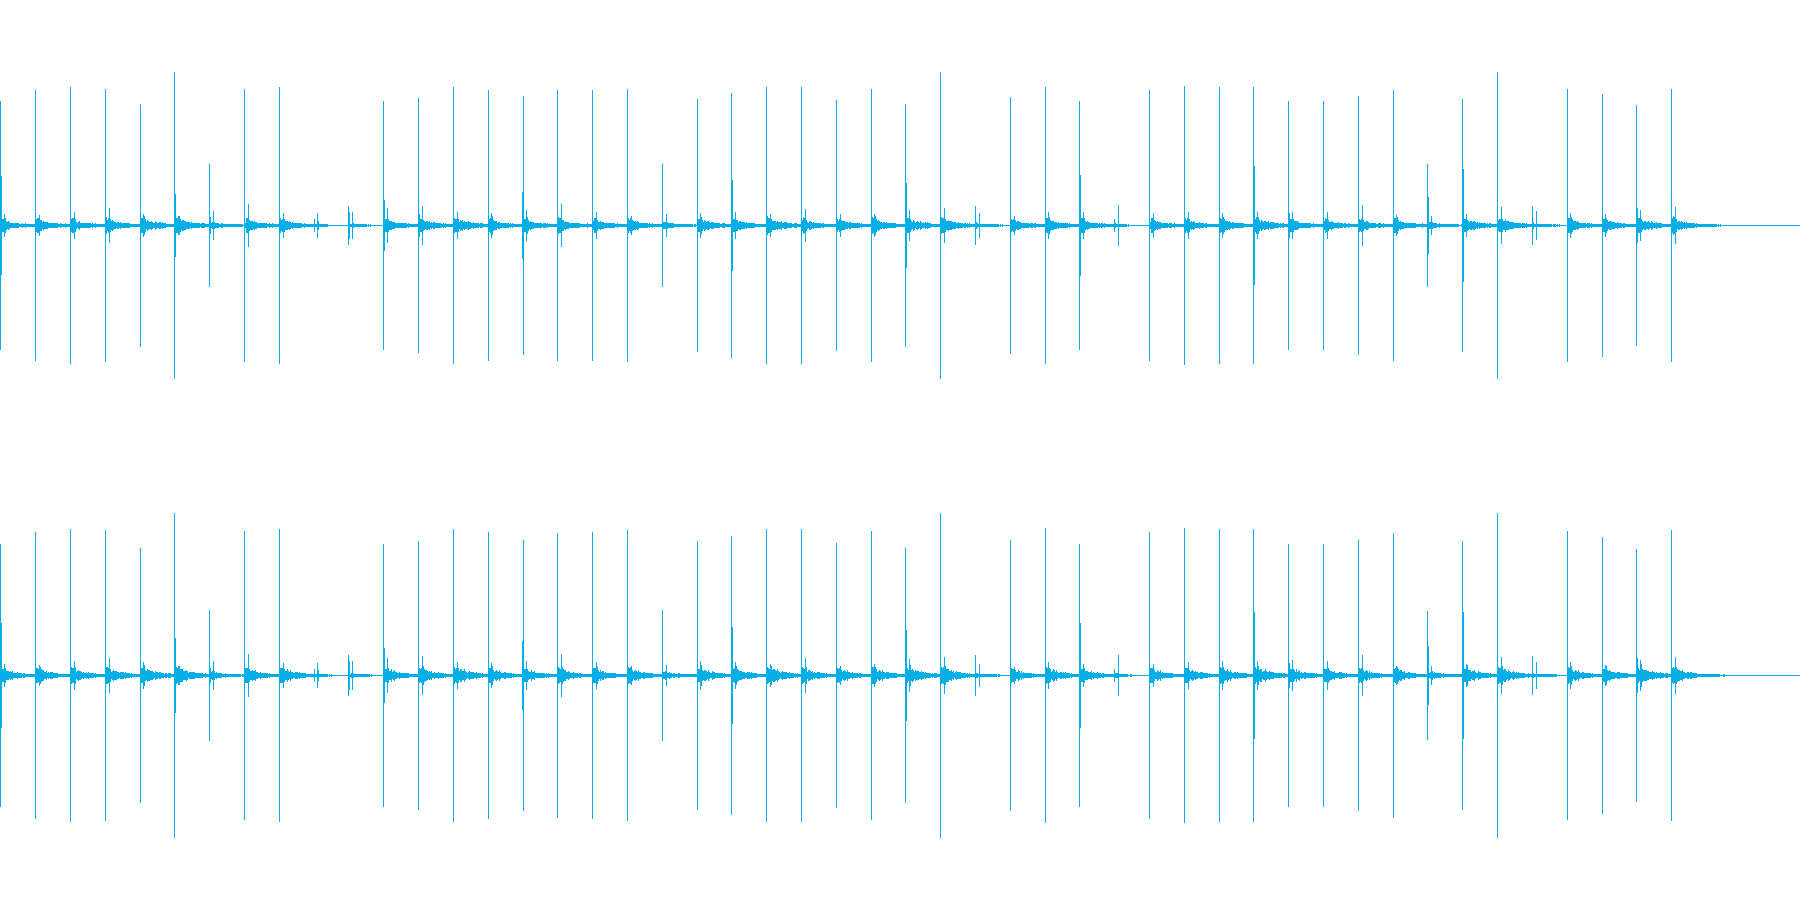 反響音のある、ハイヒールでゆっくり歩く音の再生済みの波形